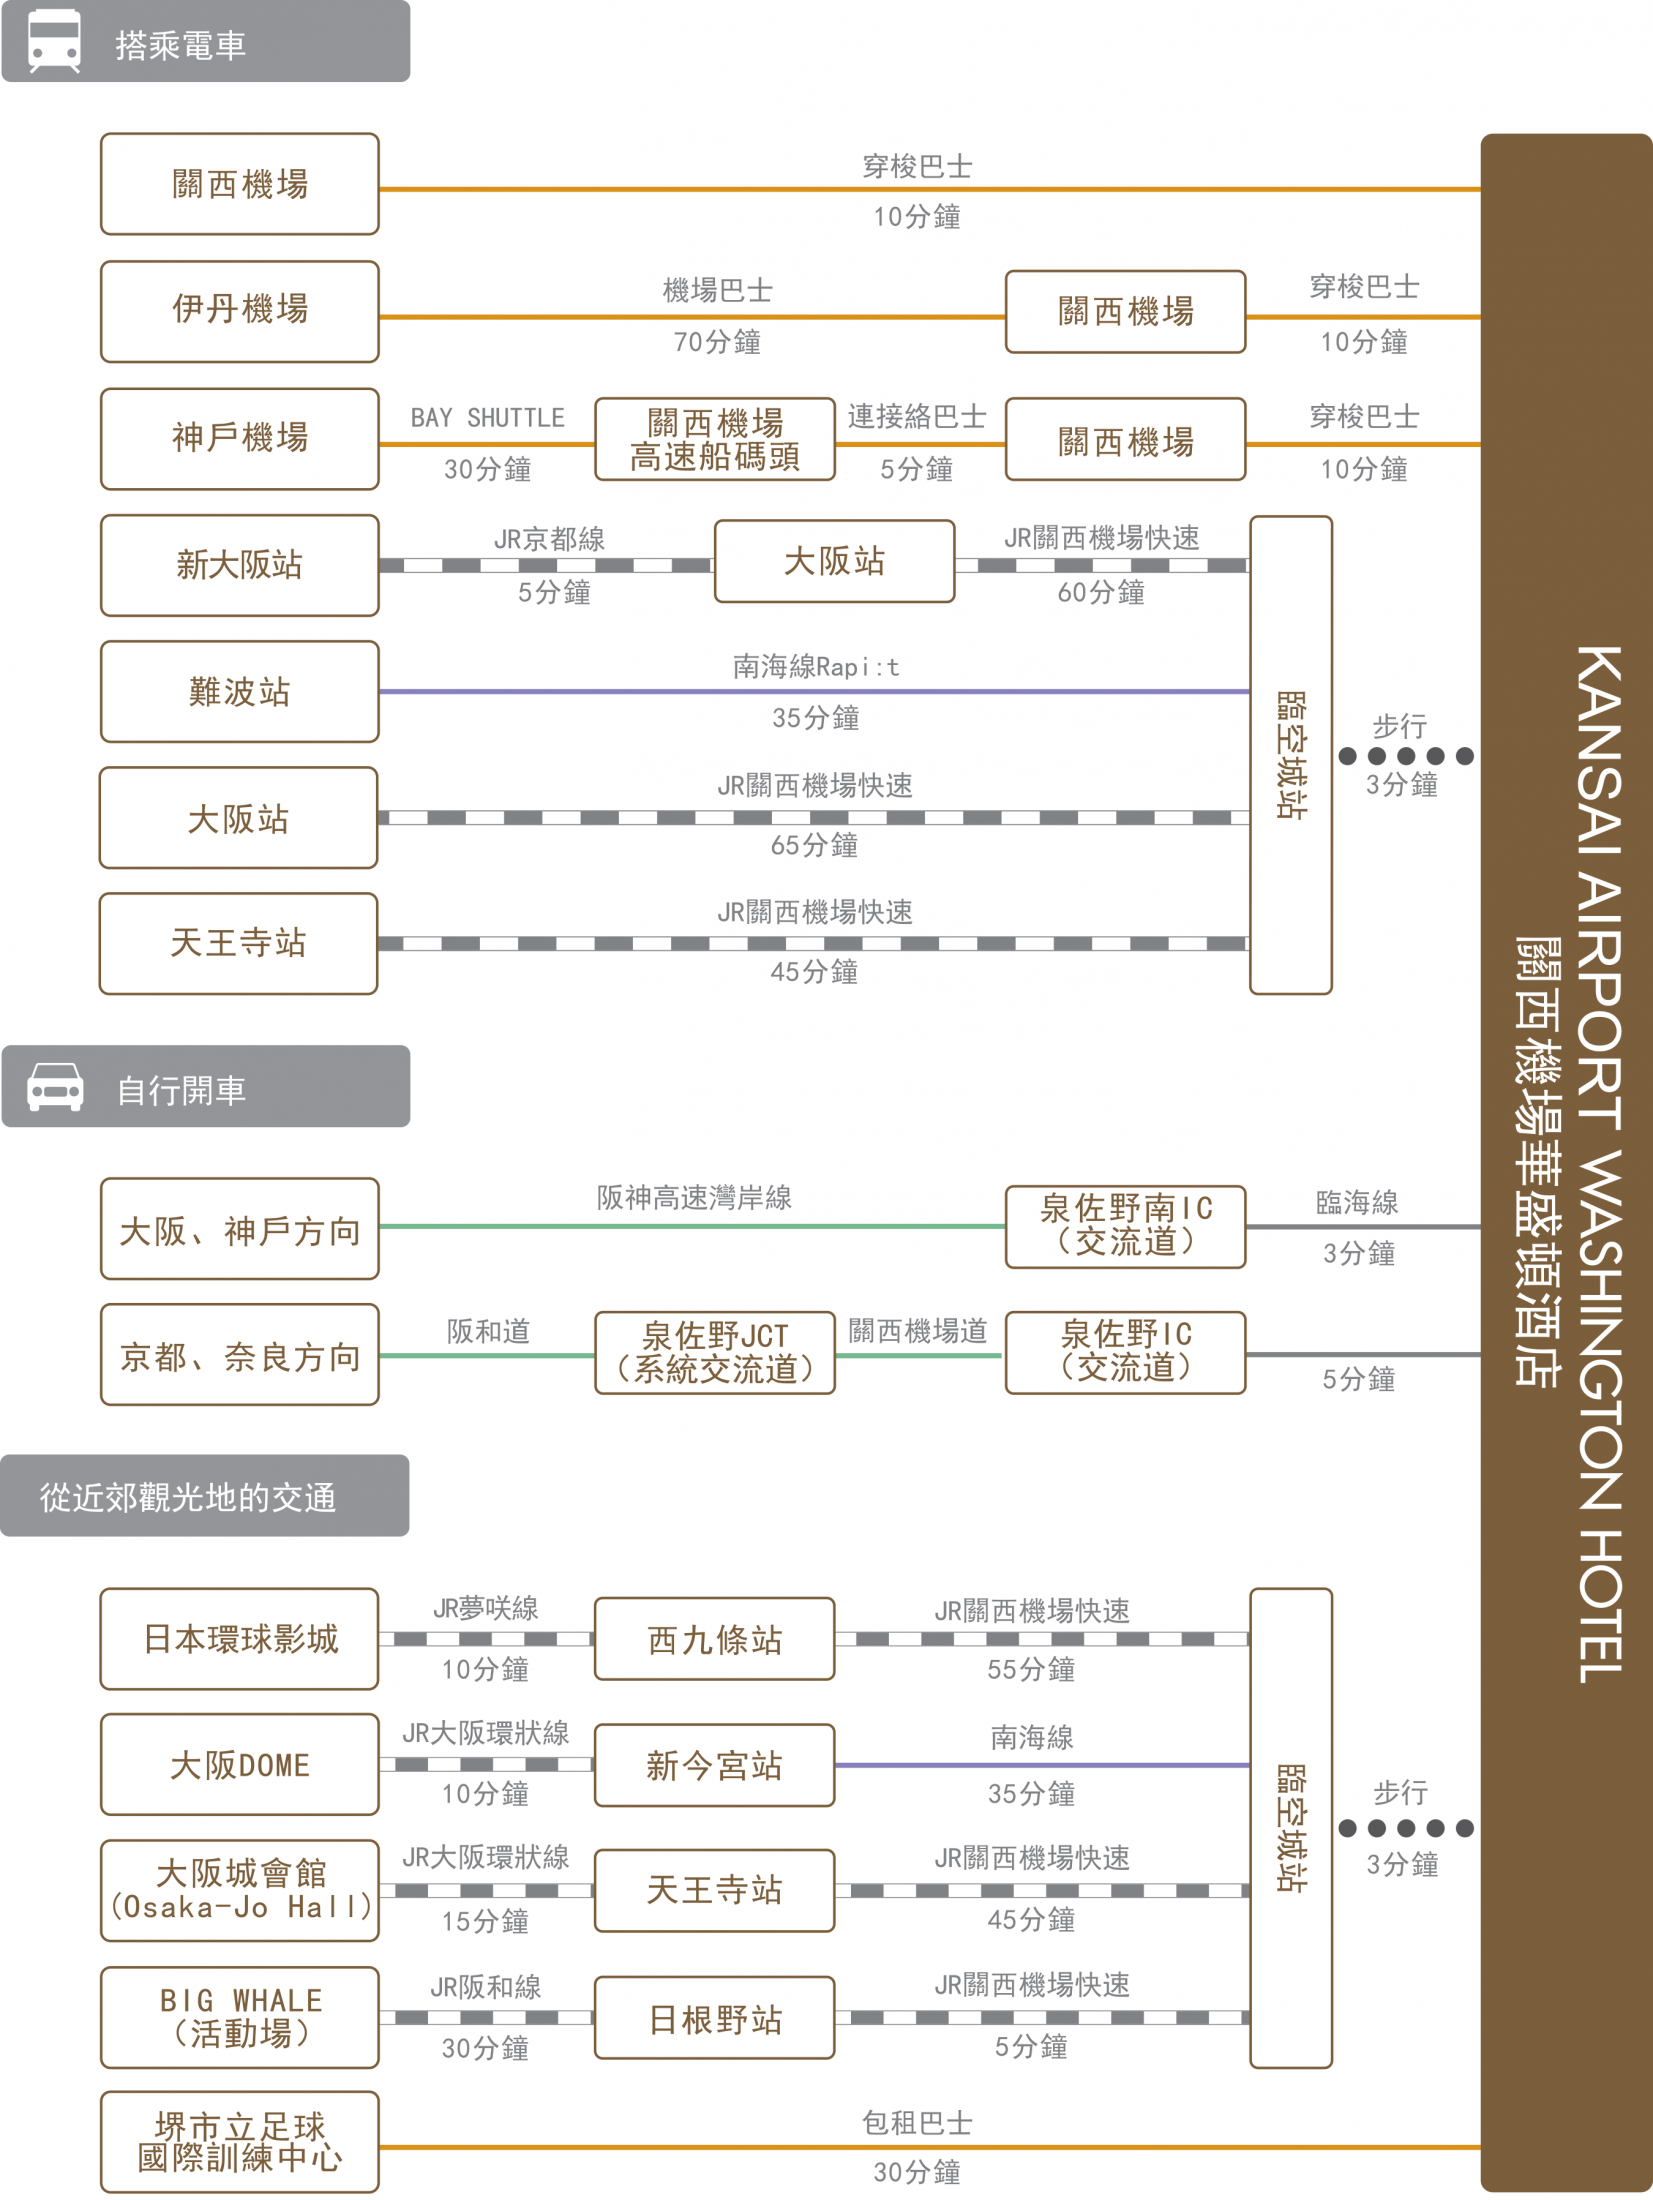 chart_zh-tw_kansai-ap_wh